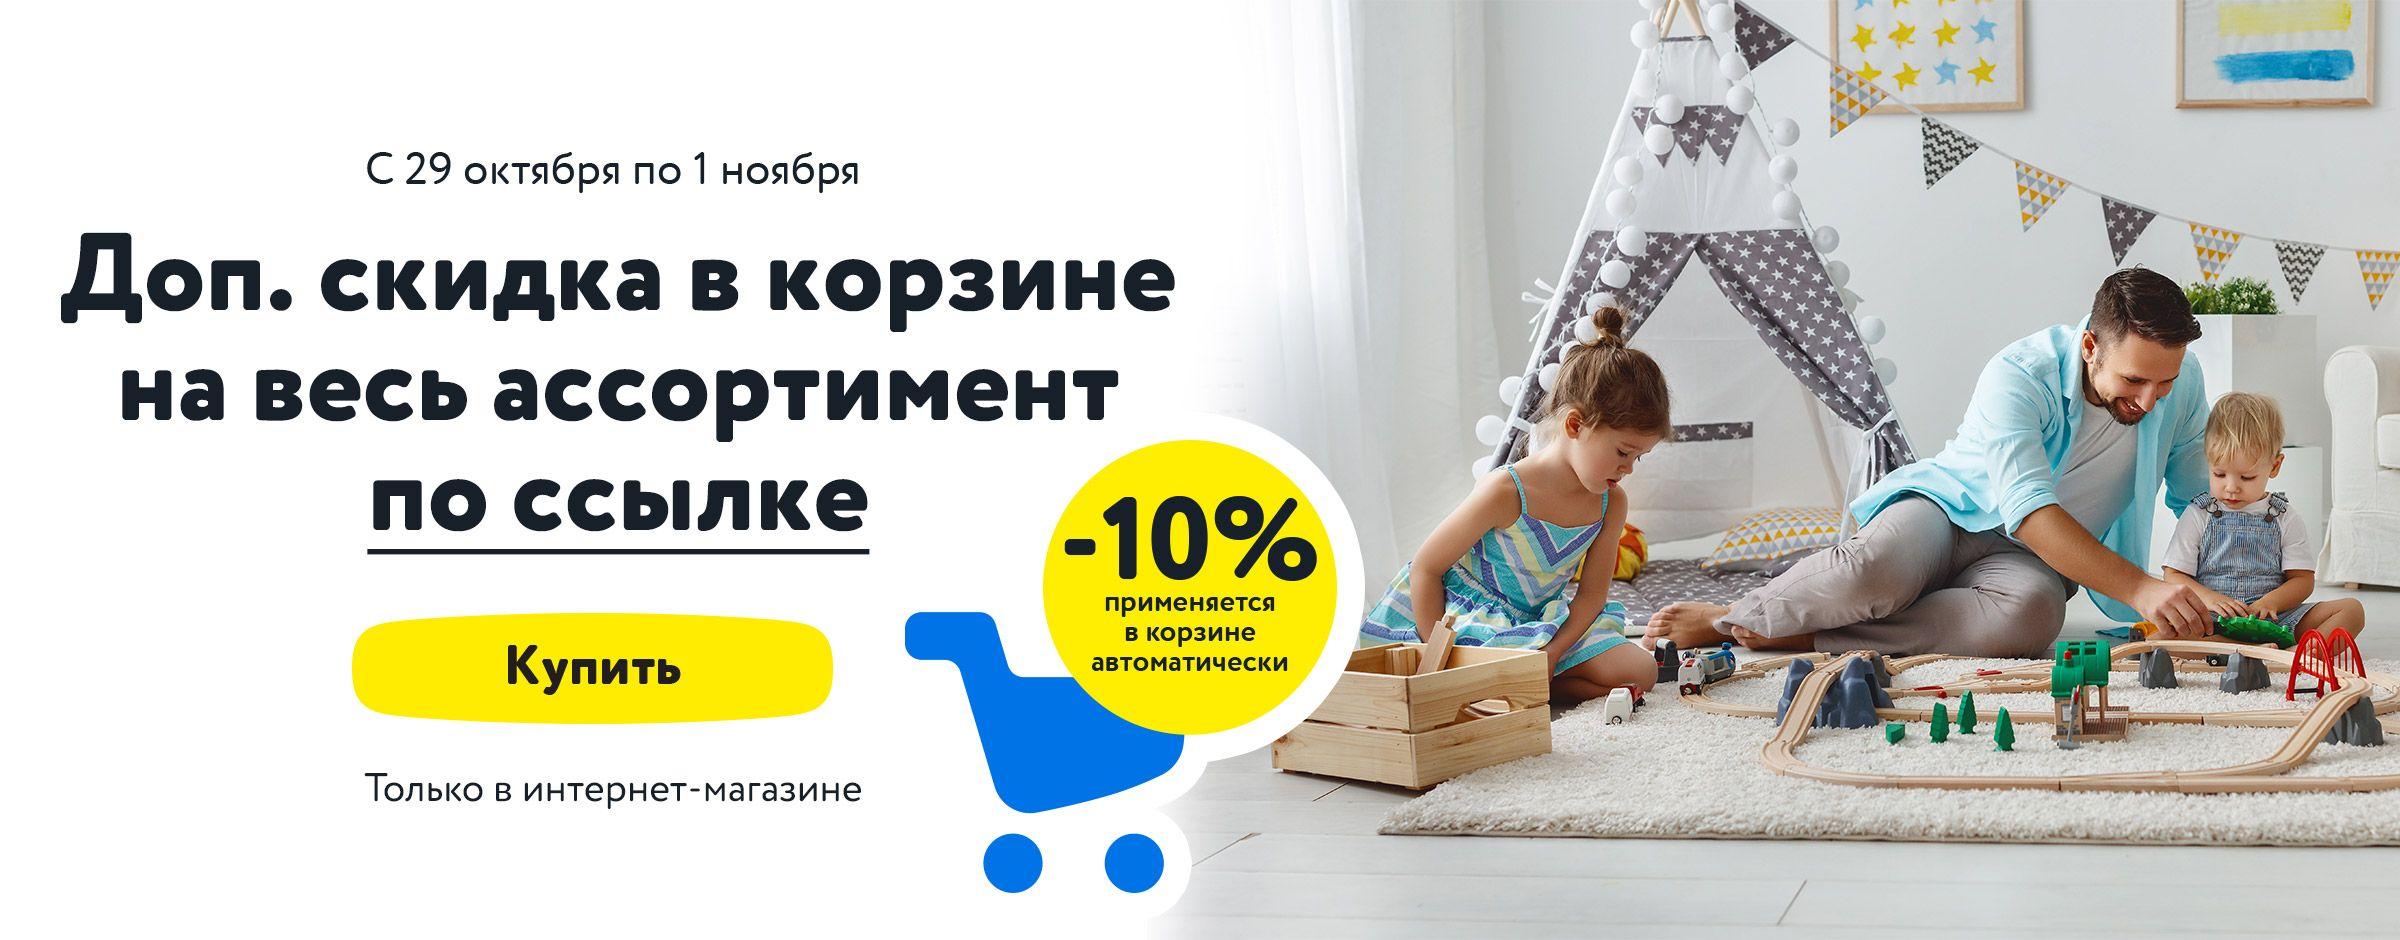 Доп скидка 10% в корзине на выделенный ассортимент товаров